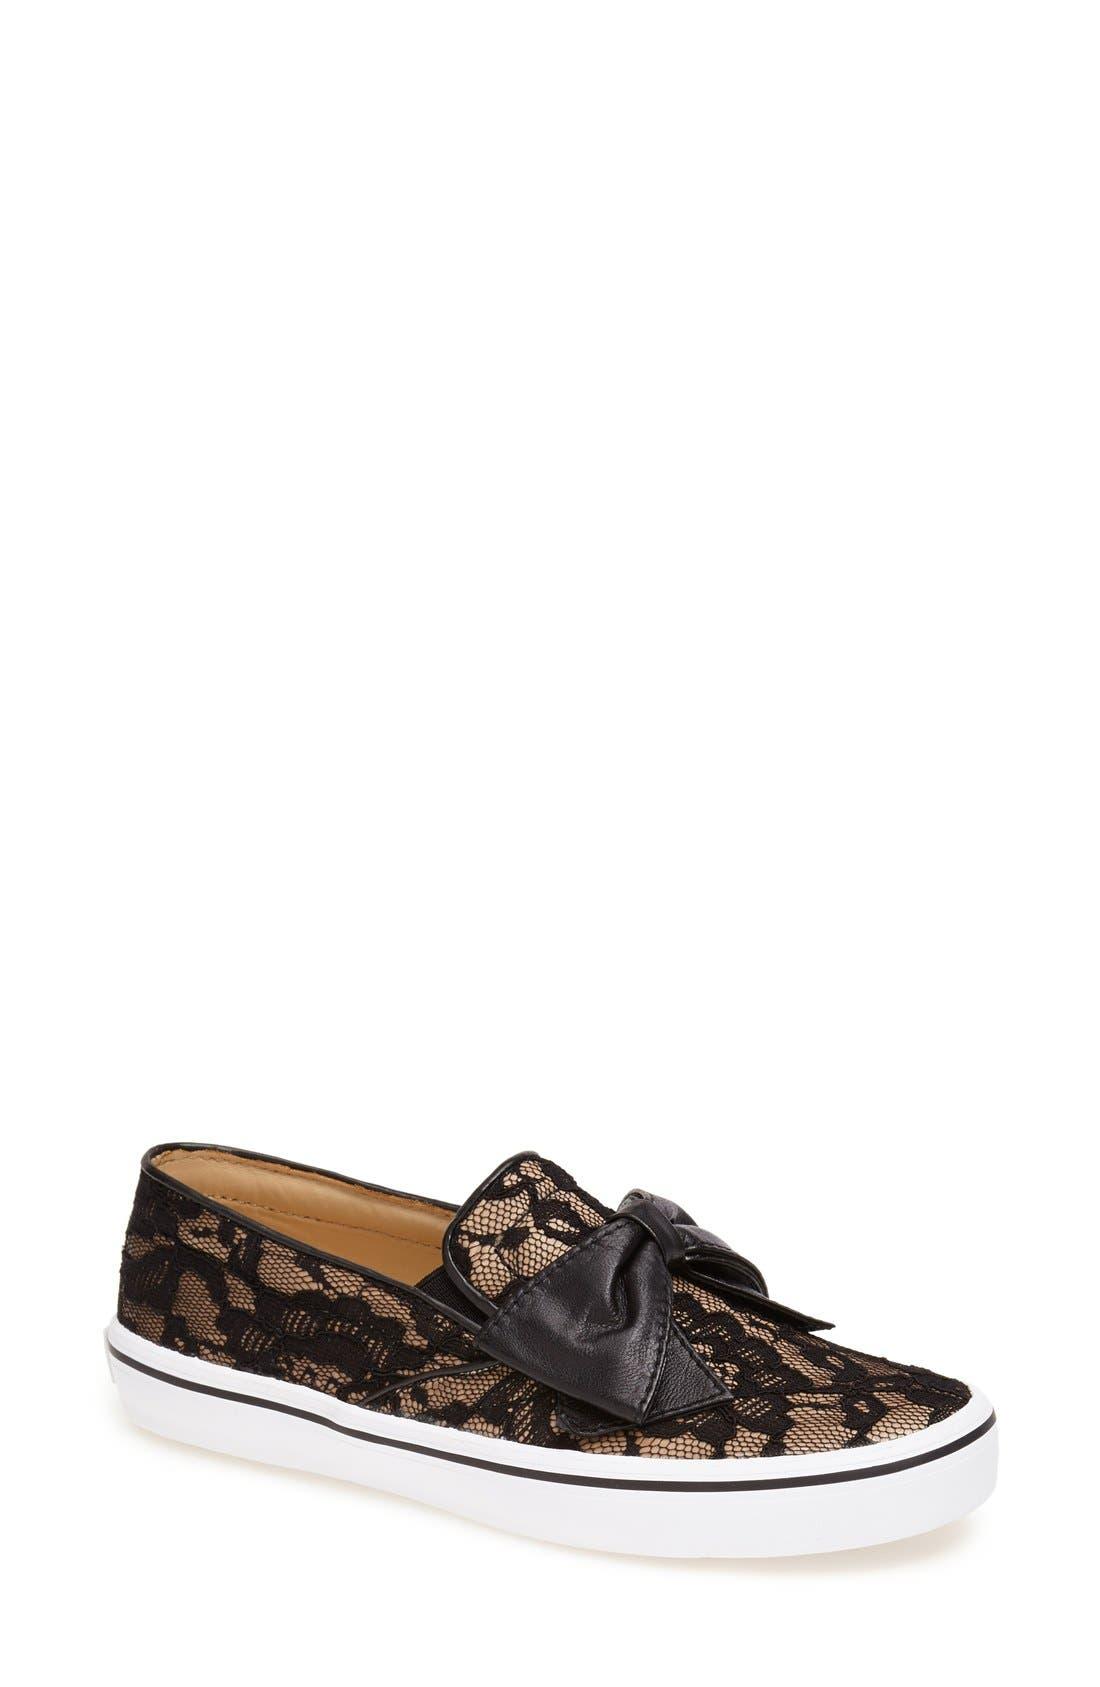 KATE SPADE NEW YORK 'delise' slip-on sneaker, Main, color, 001